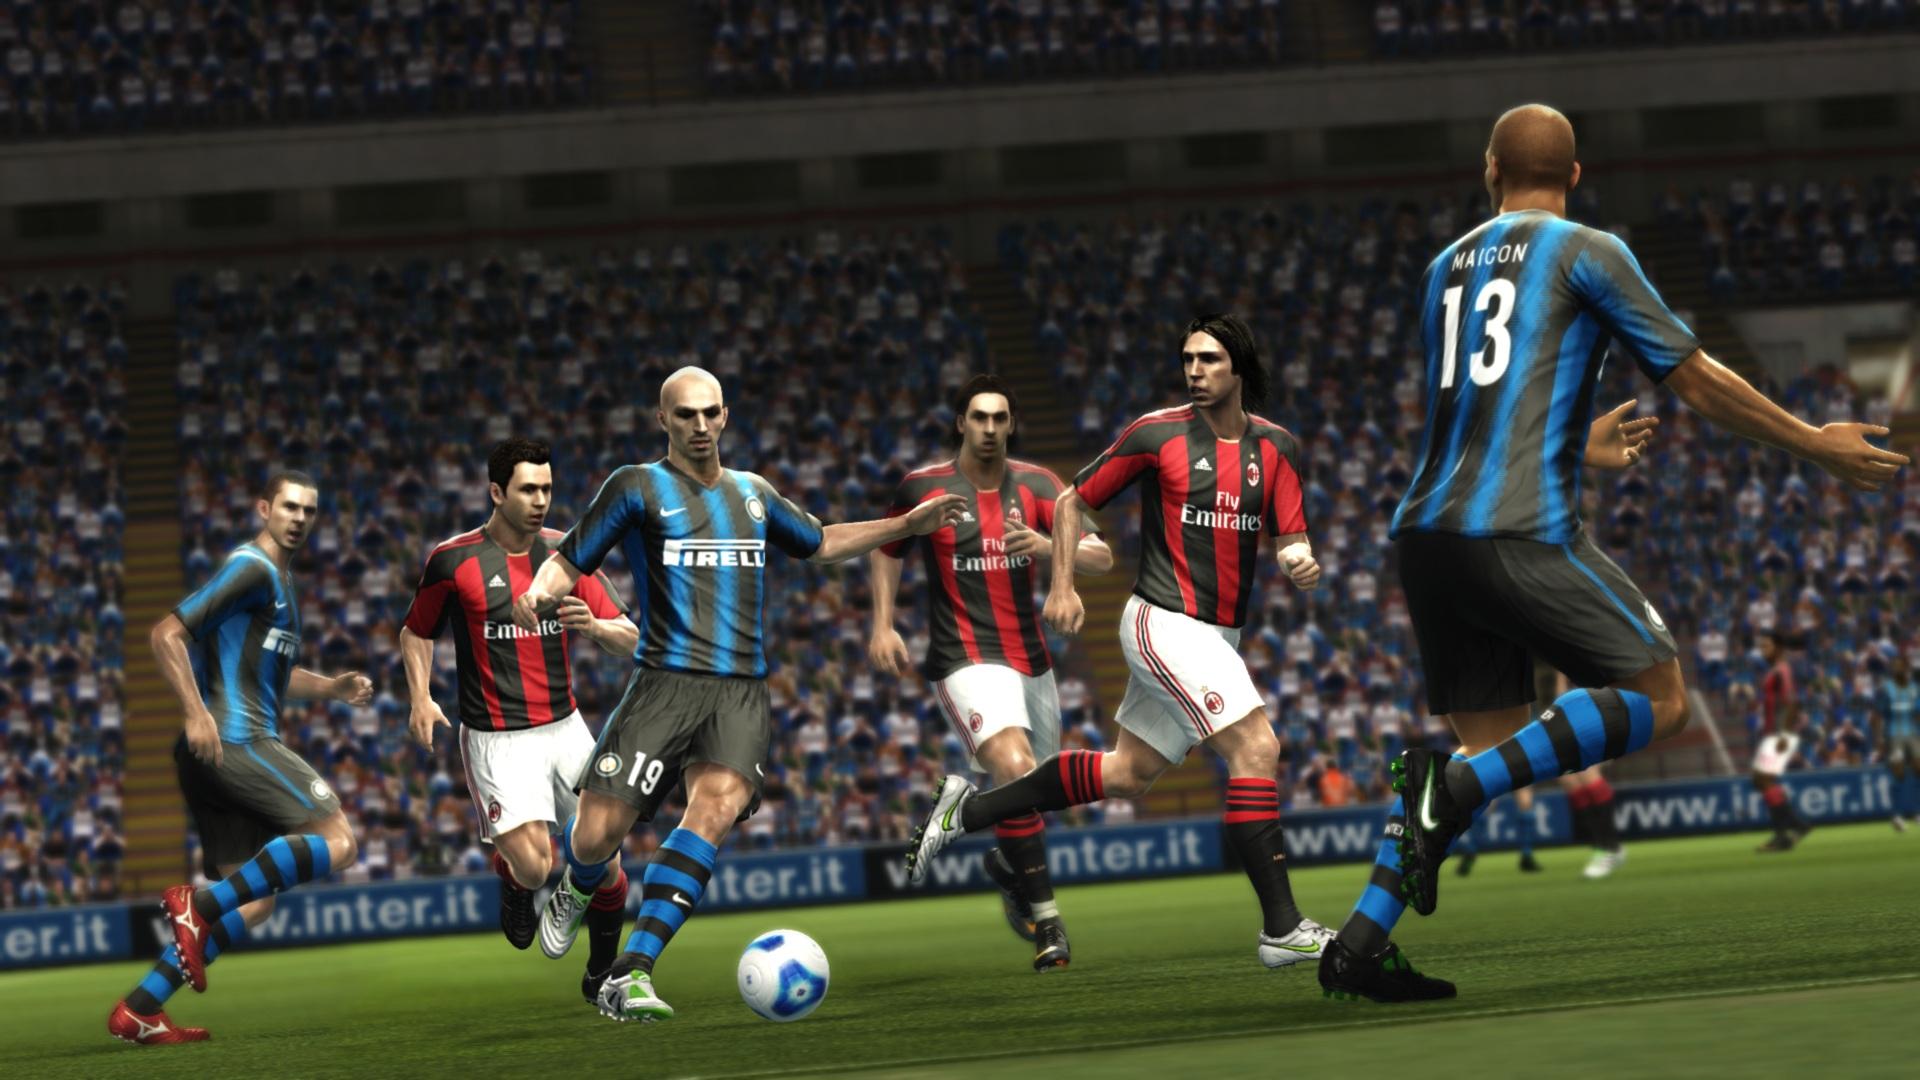 fifa 2012 vs pes 2012  en imagenes,  por ahora